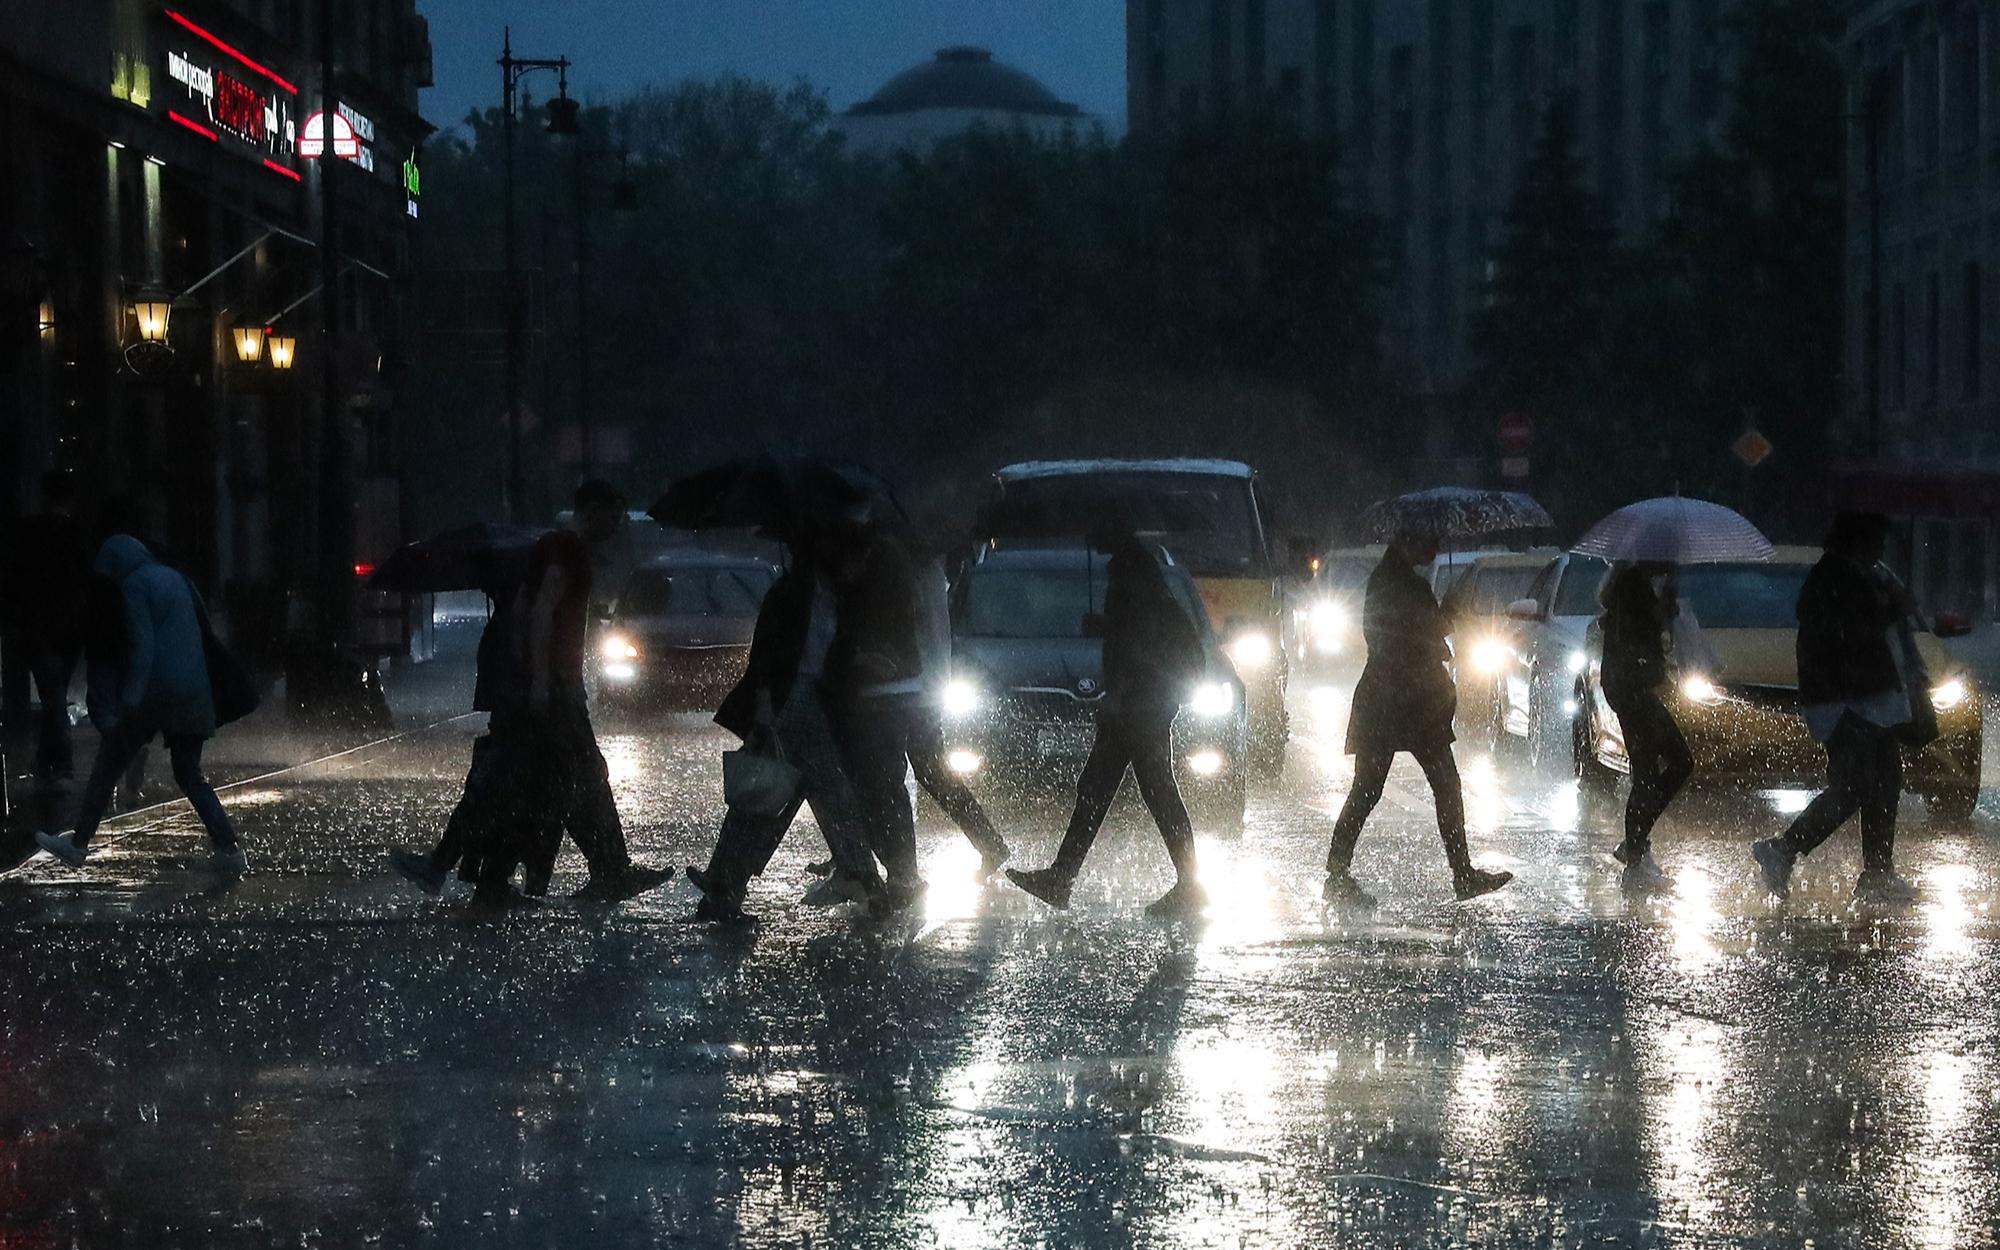 Горожане на пешеходном переходе во время дождя на одной из улиц города